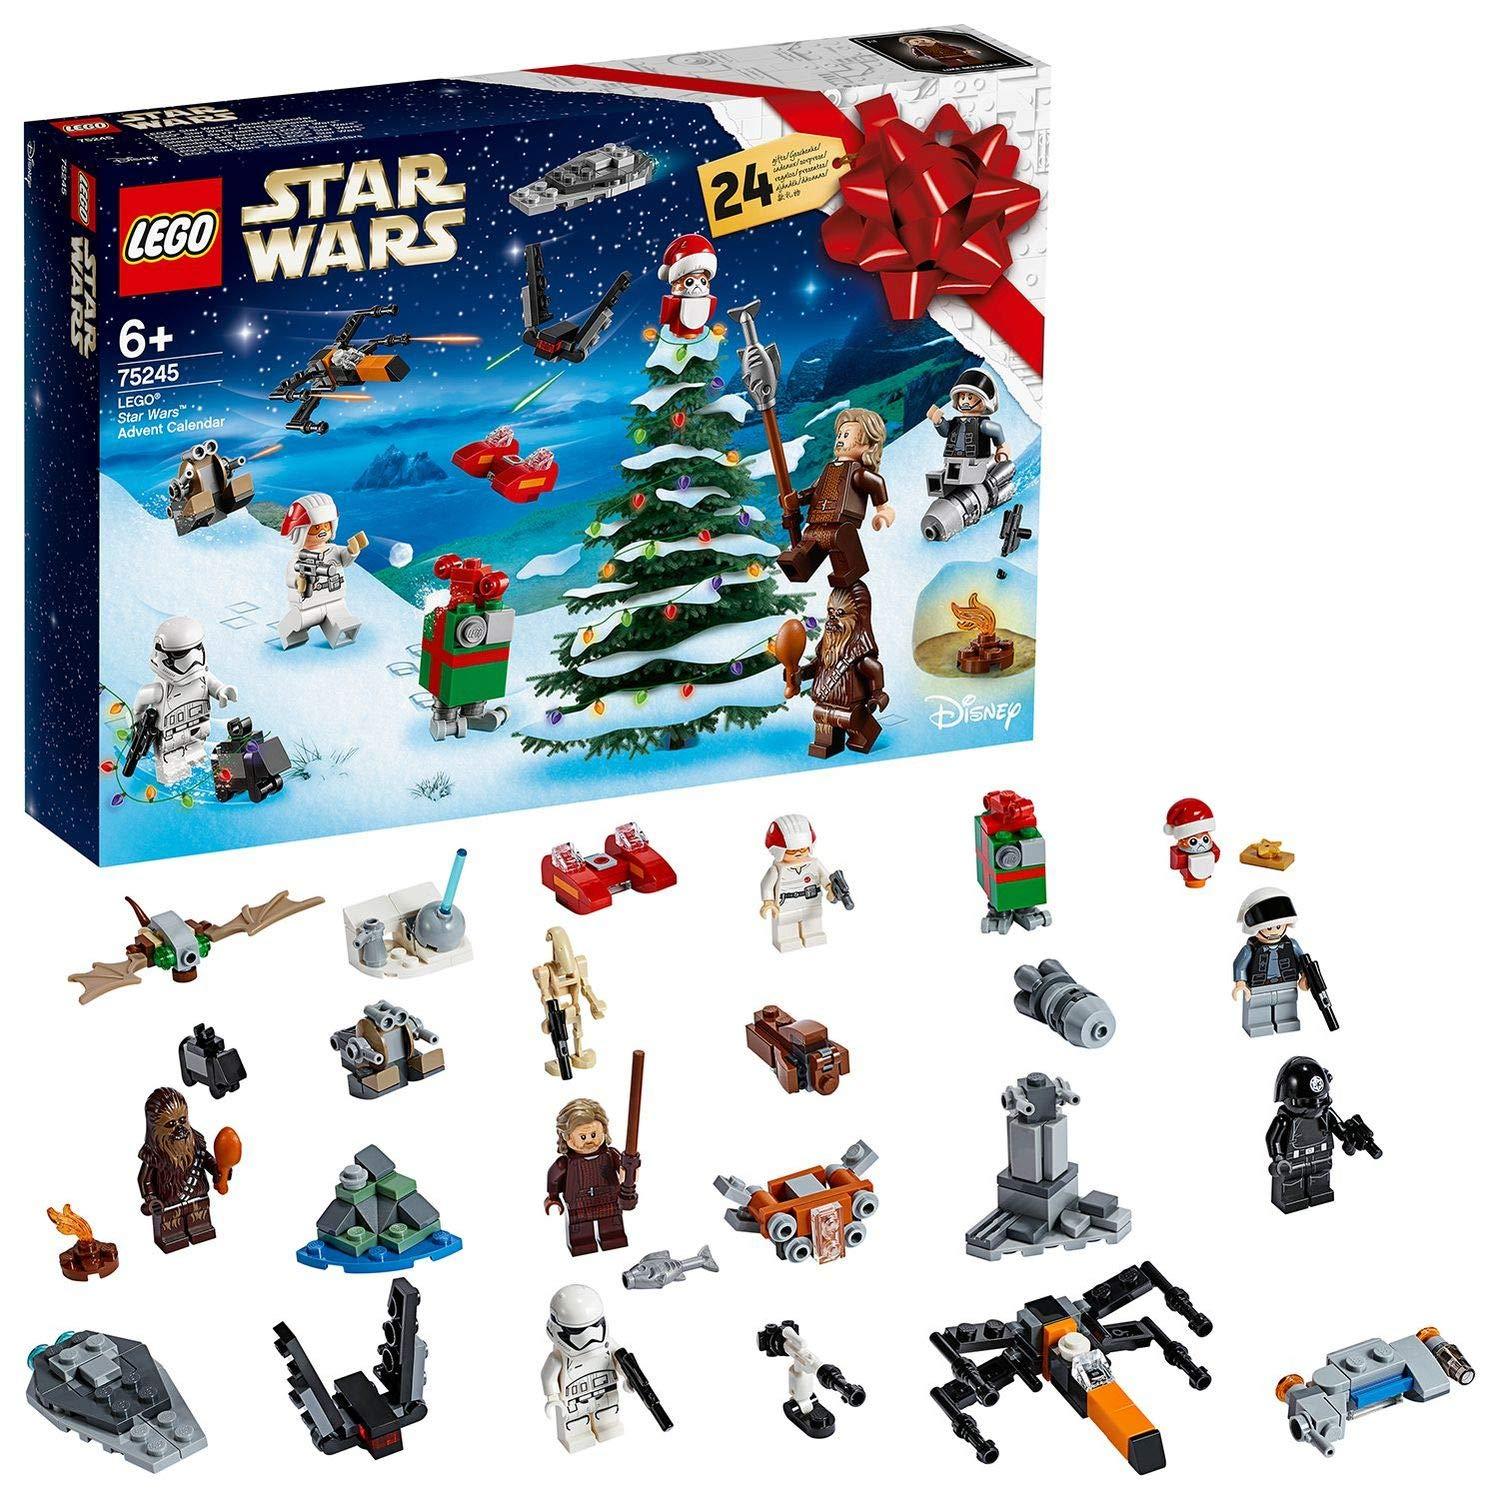 Calendrier De L Avent Lego City 2020.Lego Calendrier De L Avent Star Wars 2019 Compte A Rebours De Noel Inclus 24 Minifigurines A Assembler 6 Ans Et Plus 280 Pieces A Construire 75245